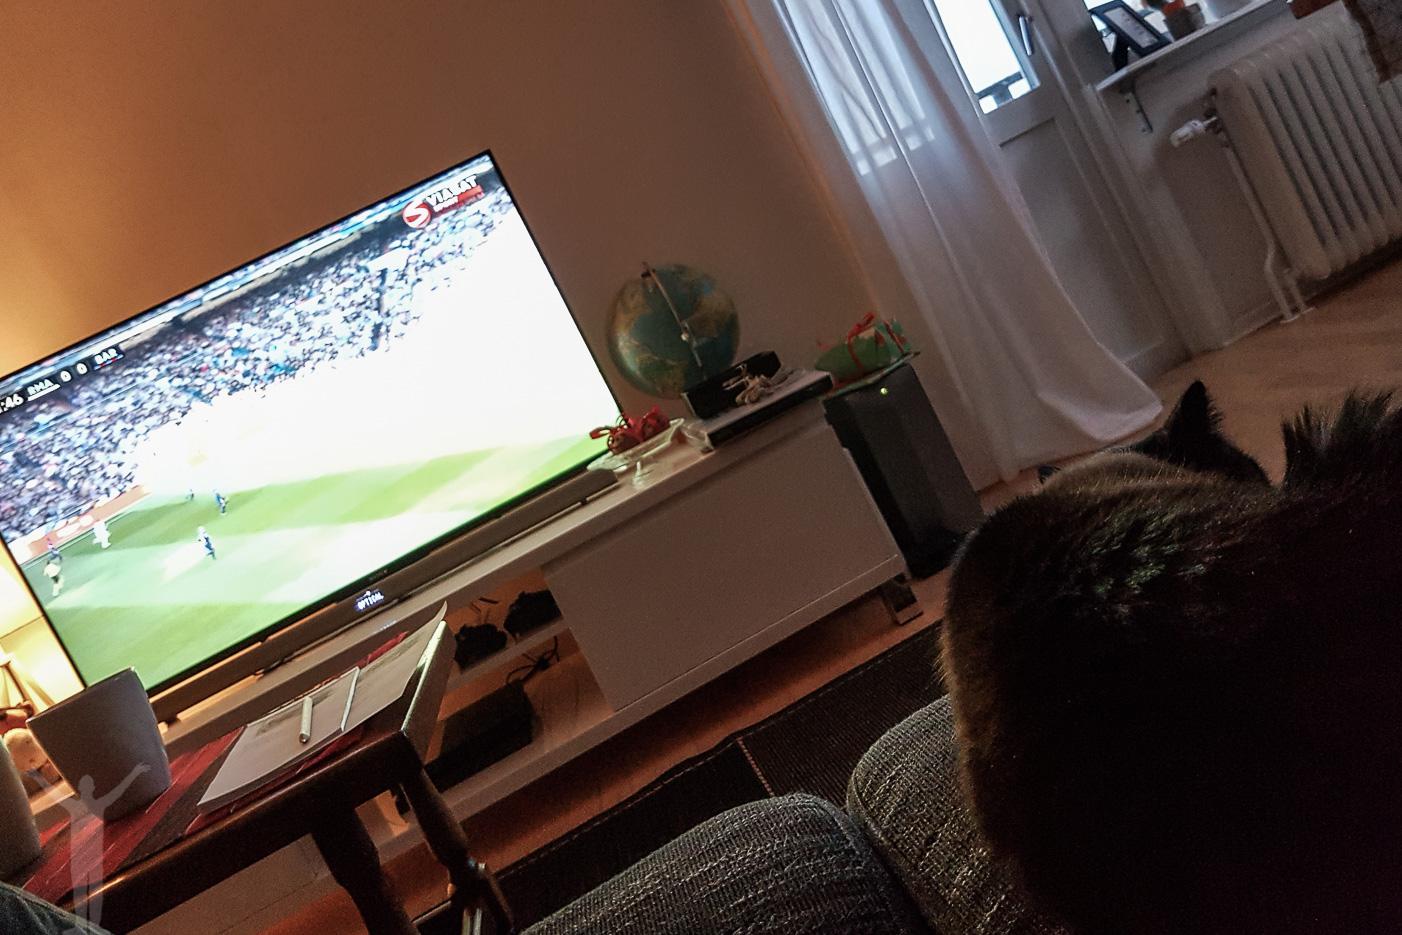 Lördagssoft med fotboll och Zelda